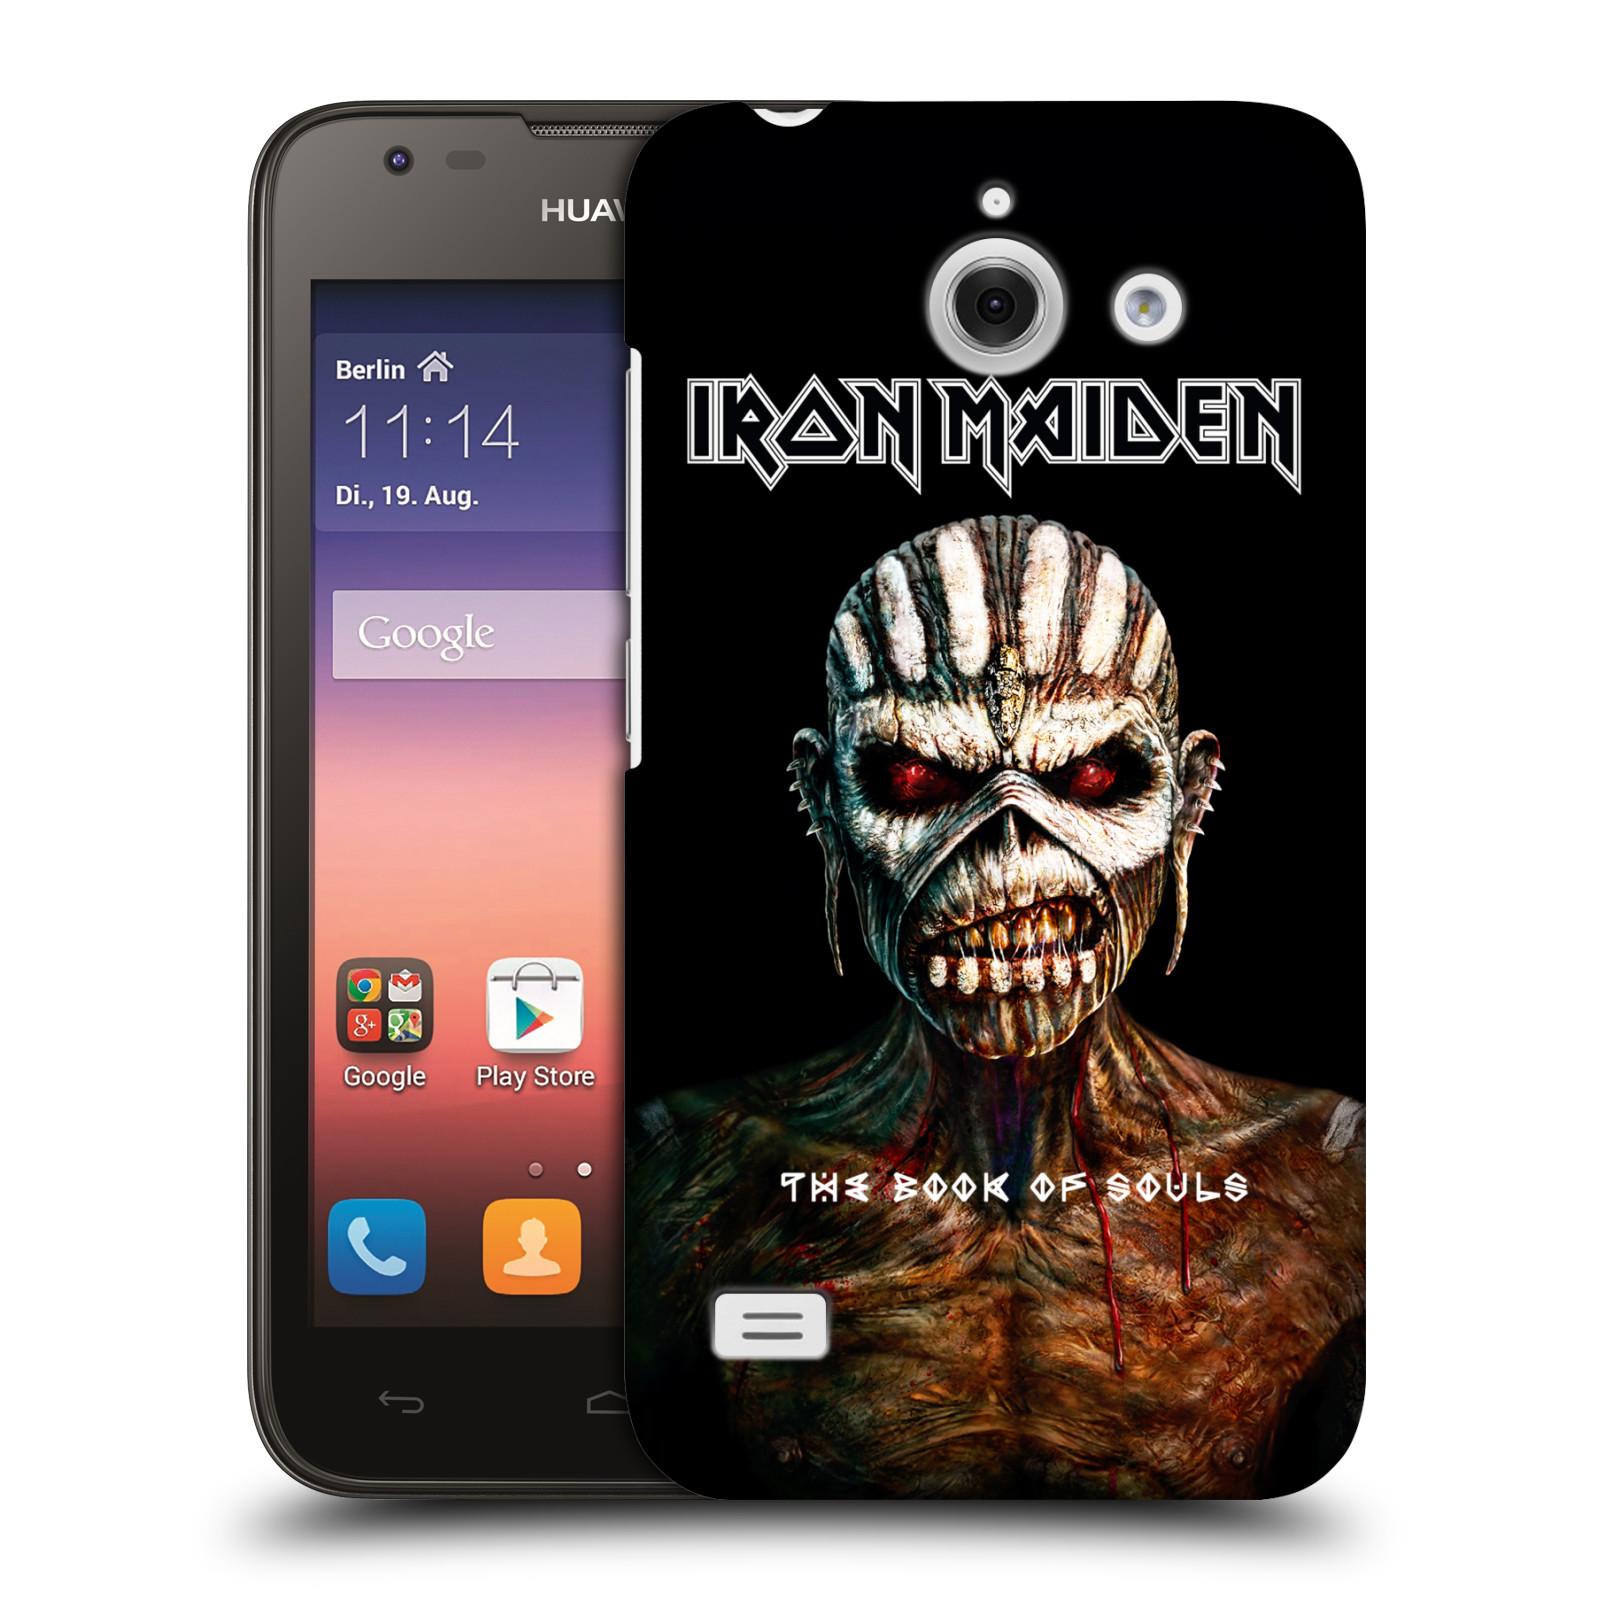 Plastové pouzdro na mobil Huawei Ascend Y550 HEAD CASE - Iron Maiden - The Book Of Souls (Plastový kryt či obal na mobilní telefon s licencovaným motivem Iron Maiden Huawei Ascend Y550)